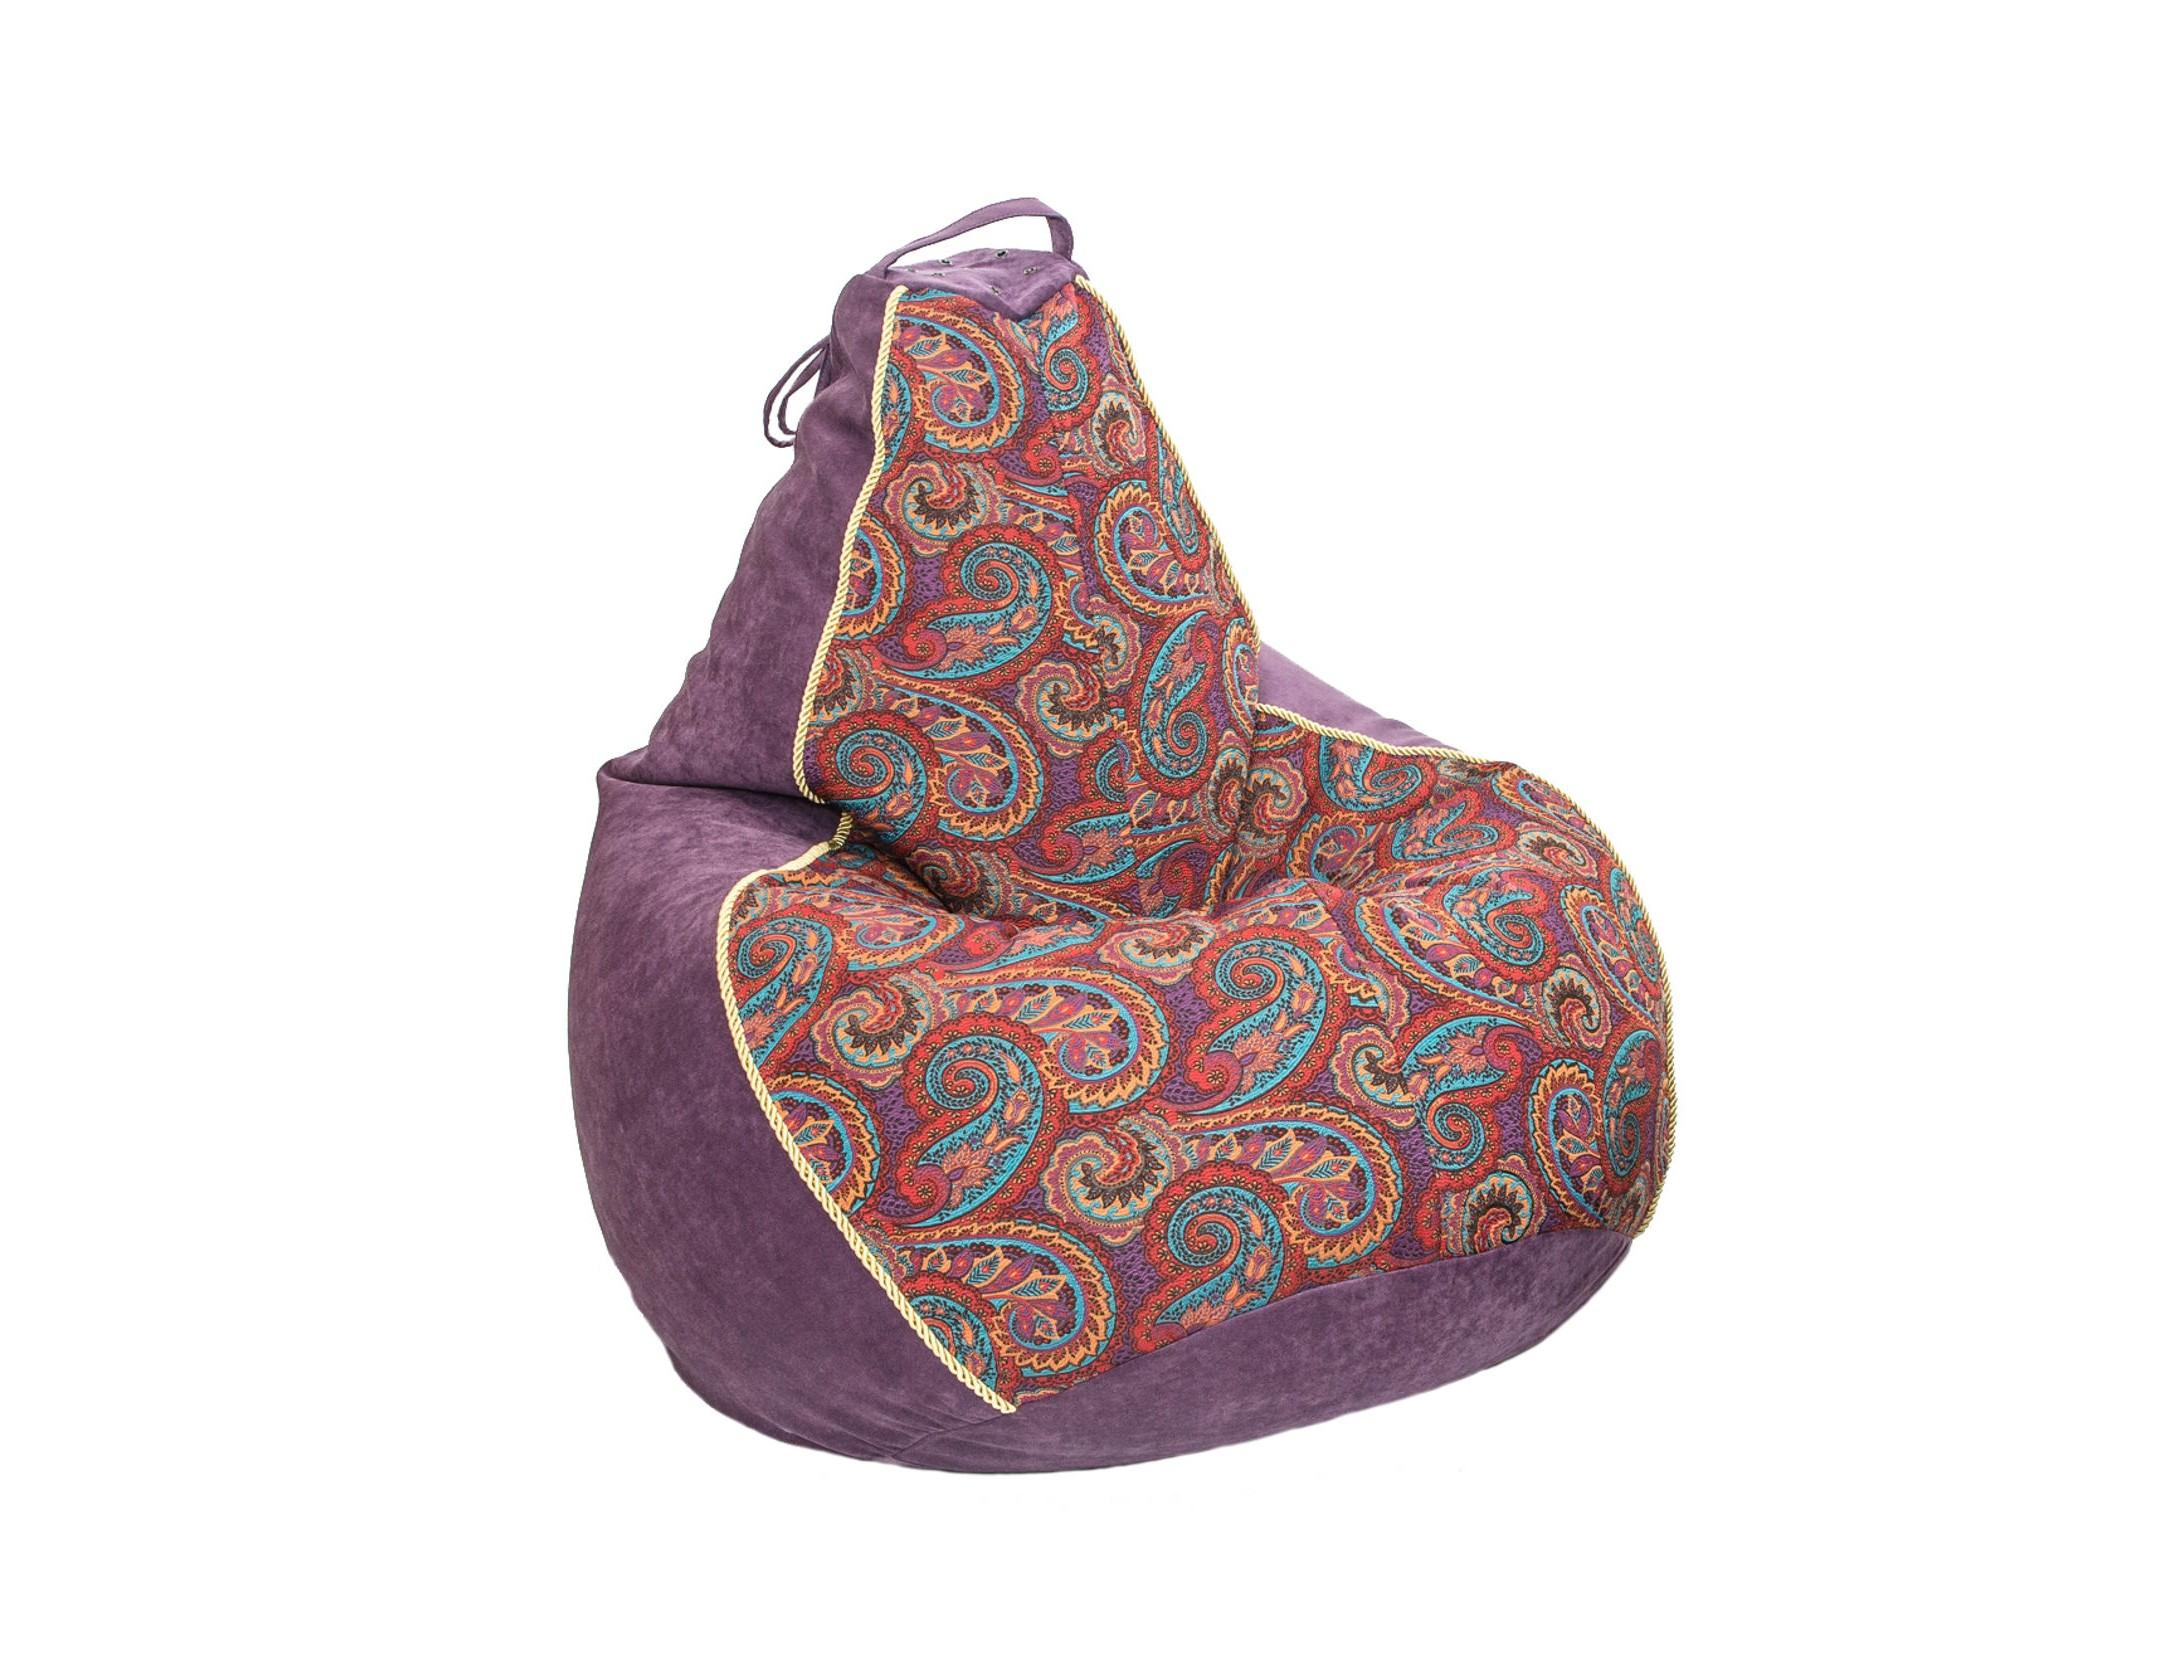 Бескаркасное креслоКресла-мешки<br>Бескаркасное кресло-мешок Boss - это кресло большого размера, которое хорошо поддерживает спину и плечи. Это делает кресло удобным для отдыха. Ткань - микровелюр с коротким ворсом и жаккард в восточном стиле. Коллекция тканей Aкварель была создана по полотнам художника Эдуарда Гау, что придает ей художественный шарм. Прочность ткани 60 000 циклов по Мартиндейлу, что подходит даже для коммерческого использования.&amp;amp;nbsp;<br><br>Material: Велюр<br>Ширина см: 95<br>Высота см: 150<br>Глубина см: 95